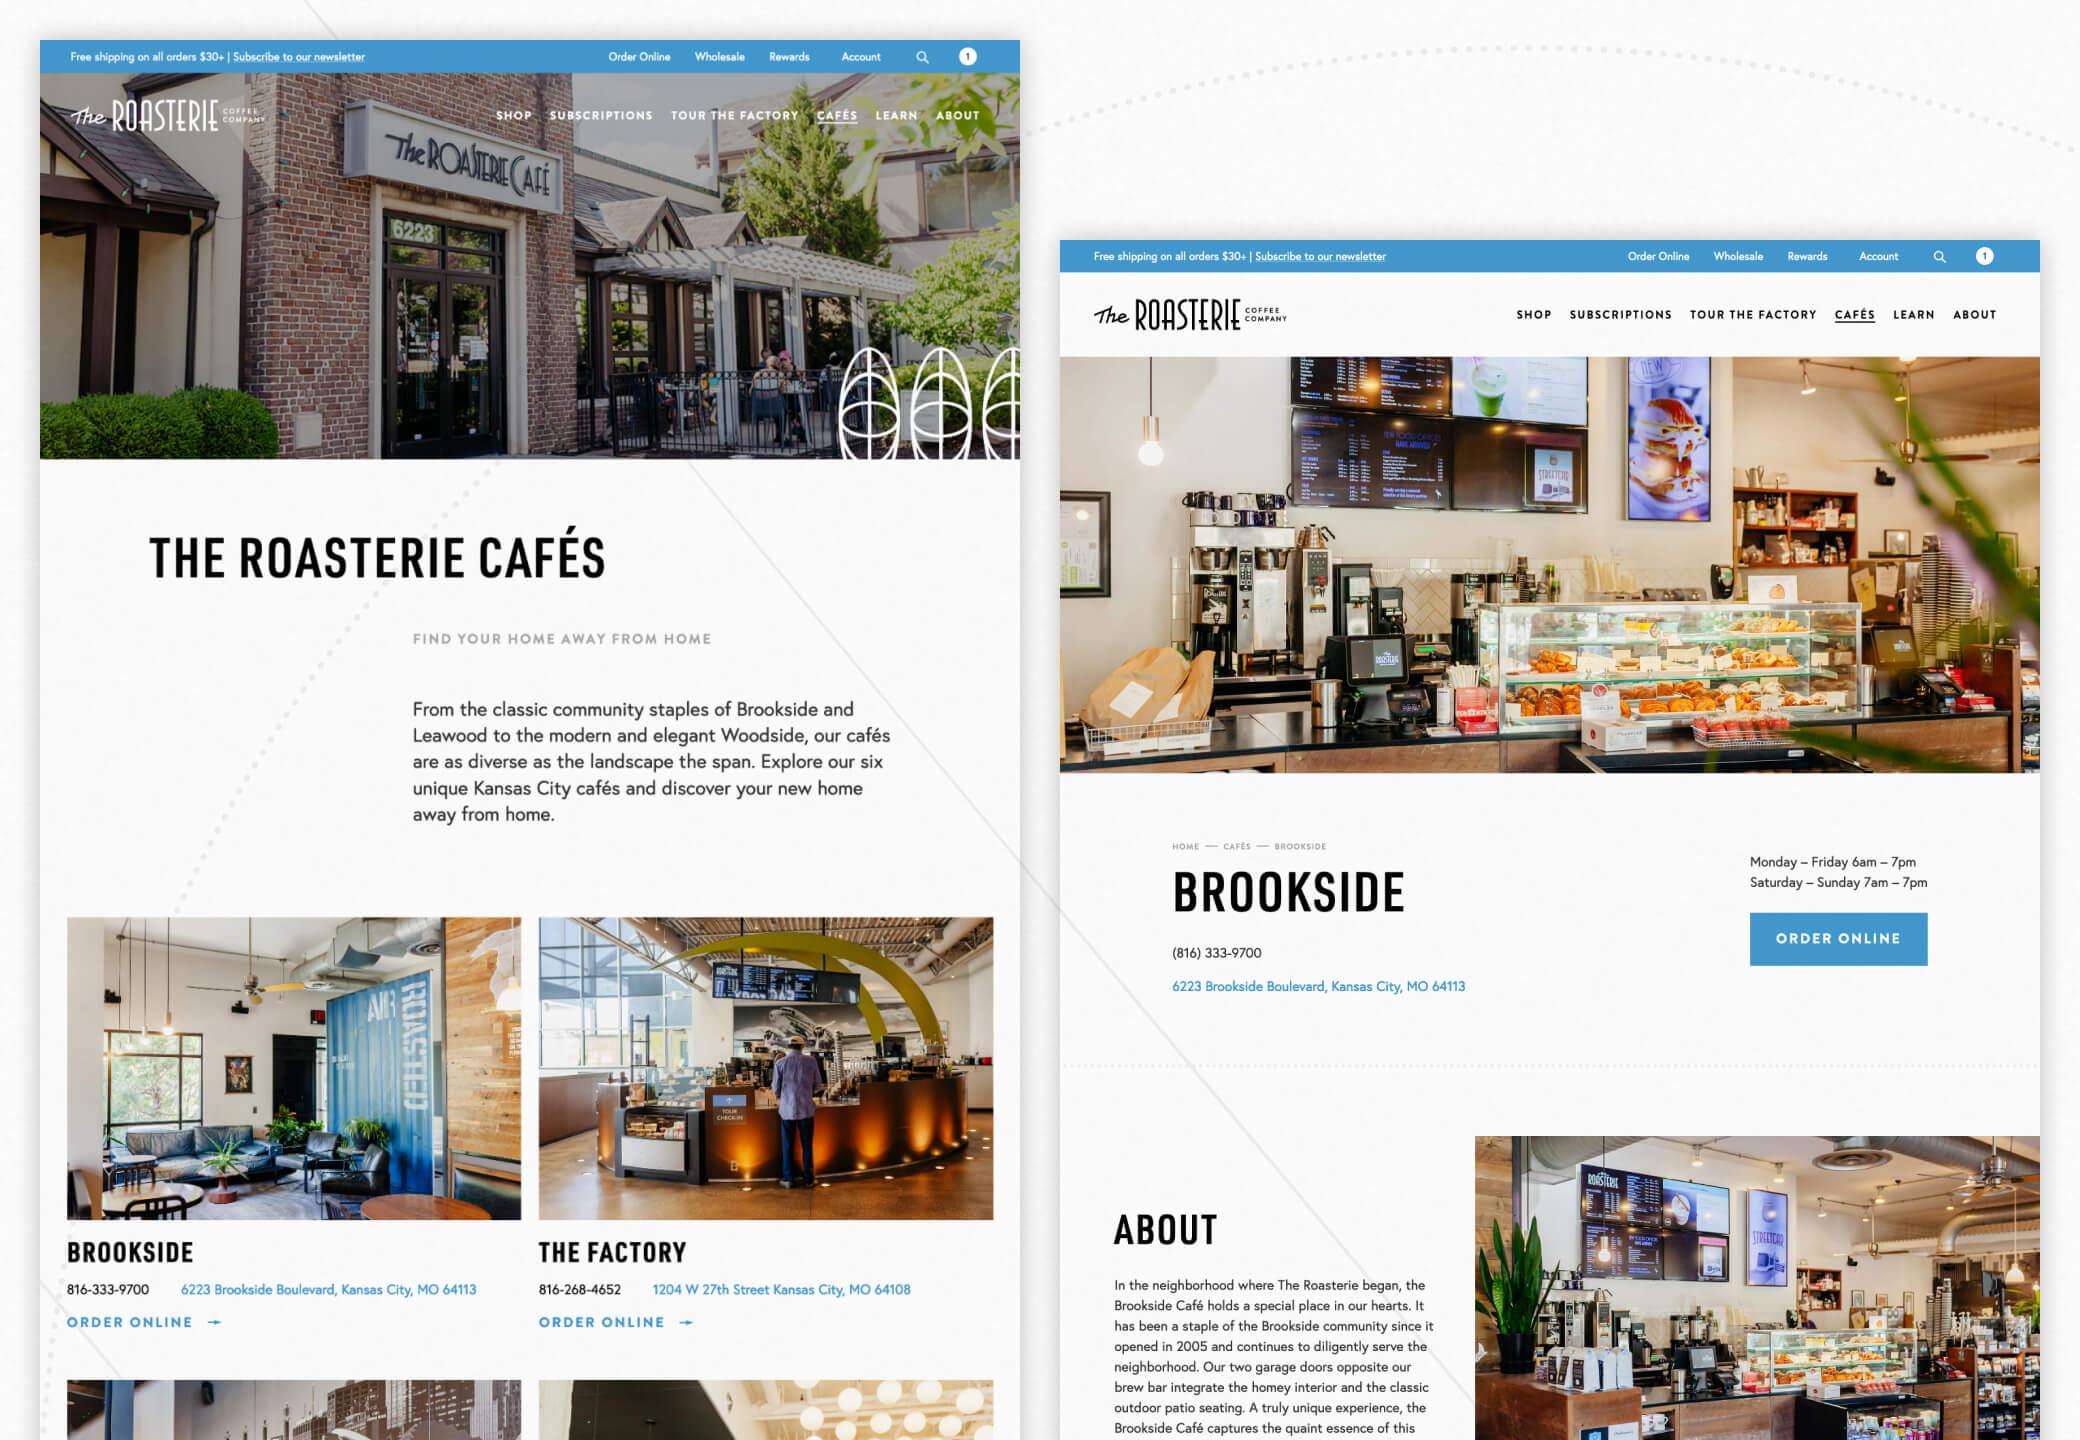 Screenshots of the roasterie.com